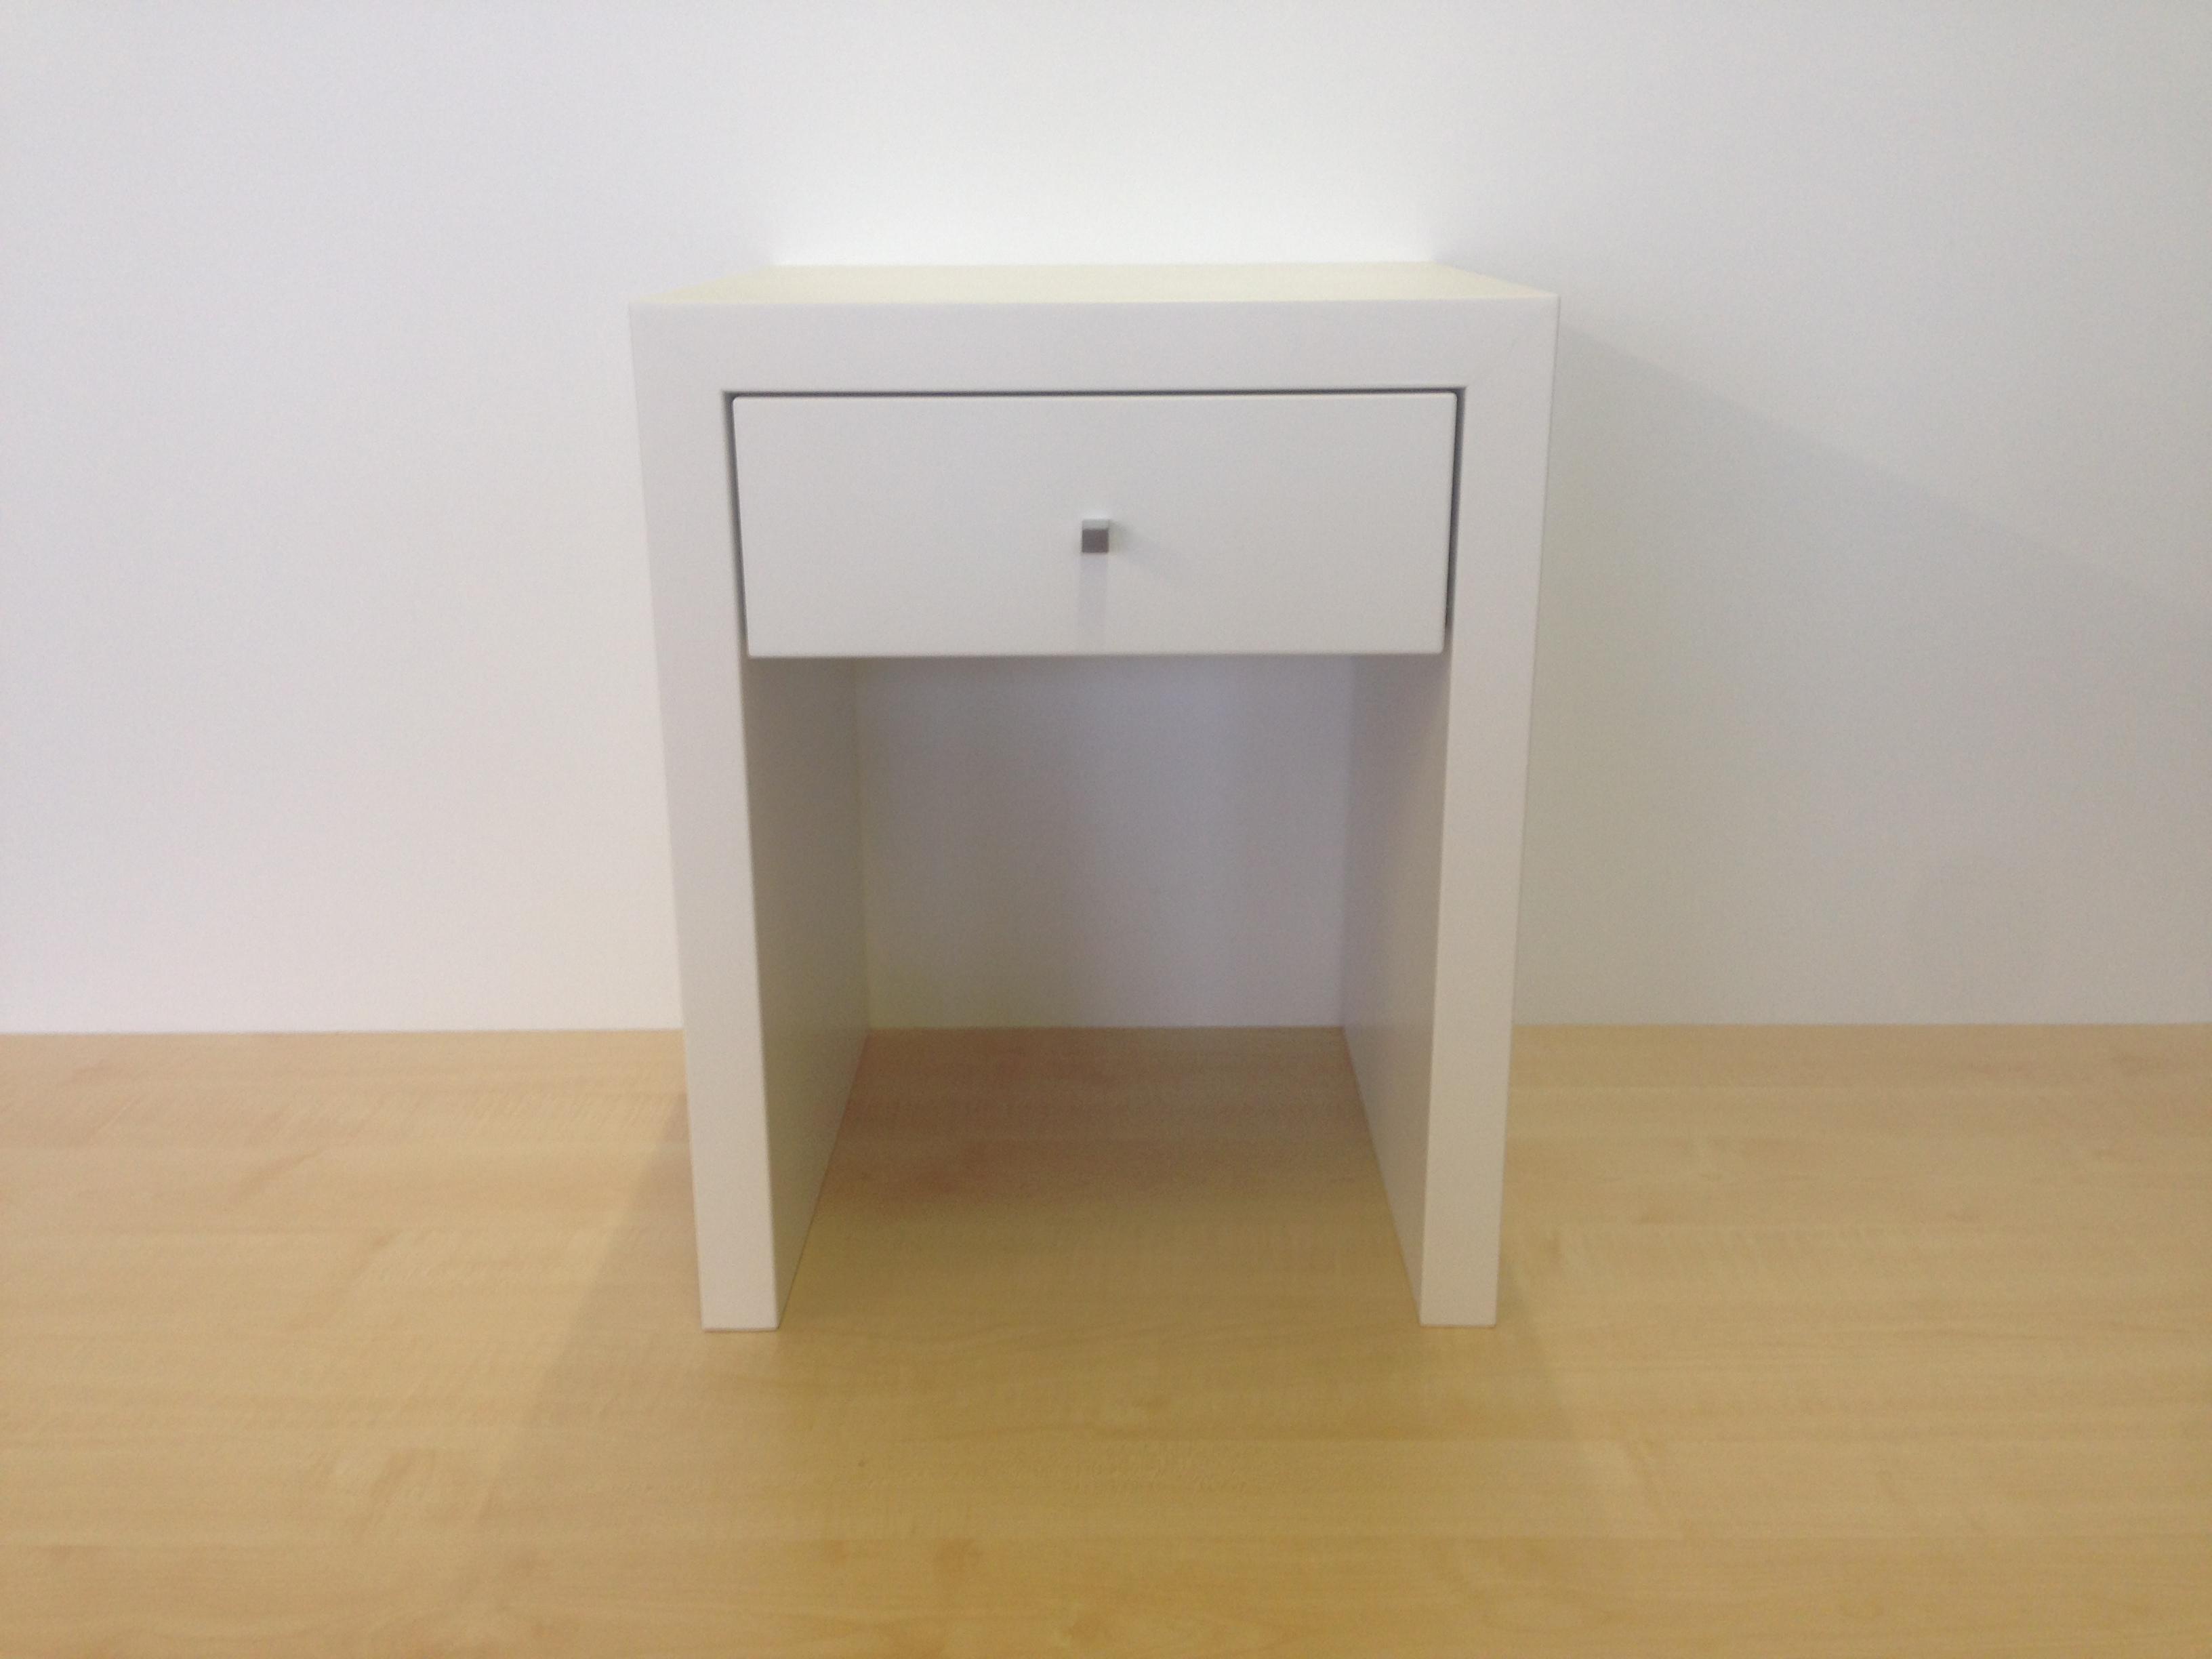 beistelltisch wei mit schublade energiemakeovernop. Black Bedroom Furniture Sets. Home Design Ideas